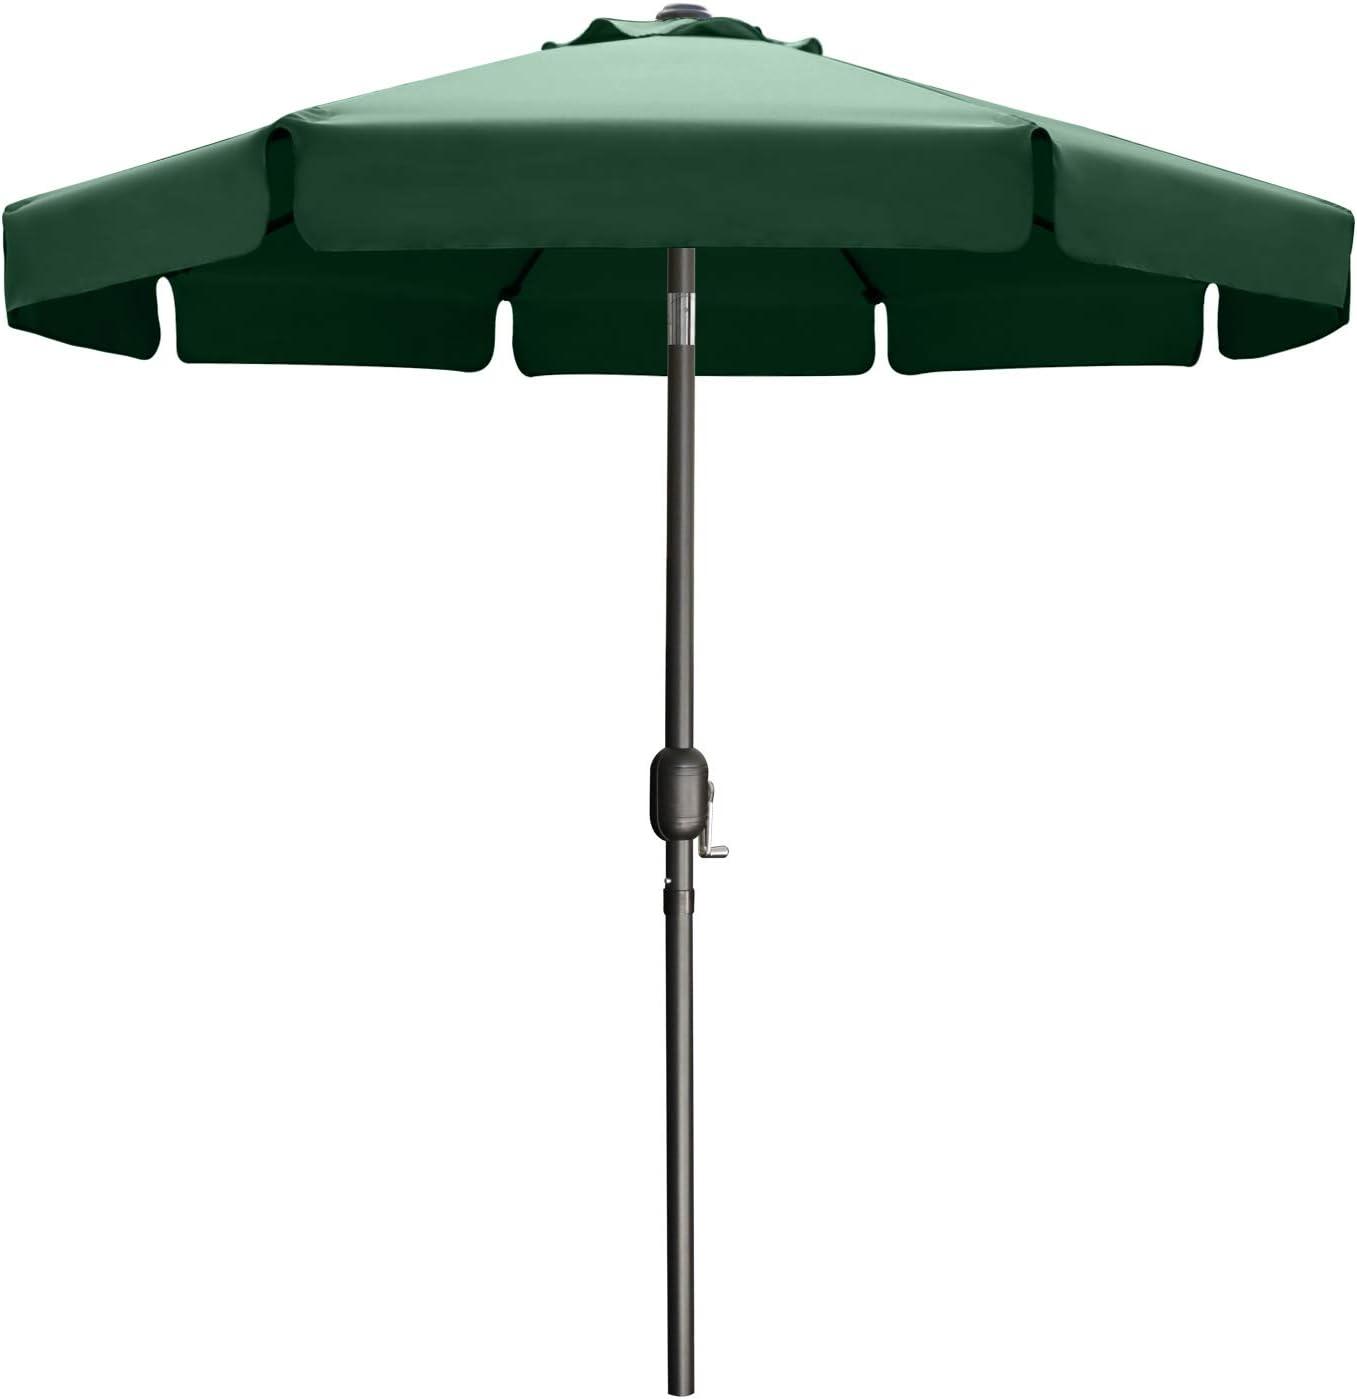 ABCCANOPY 10FT Outdoor Garden Table Umbrella Patio Umbrella Market Umbrella with Push Button Tilt for Garden, Deck, Backyard and Pool, 8 Ribs 13+Colors,Forest Green